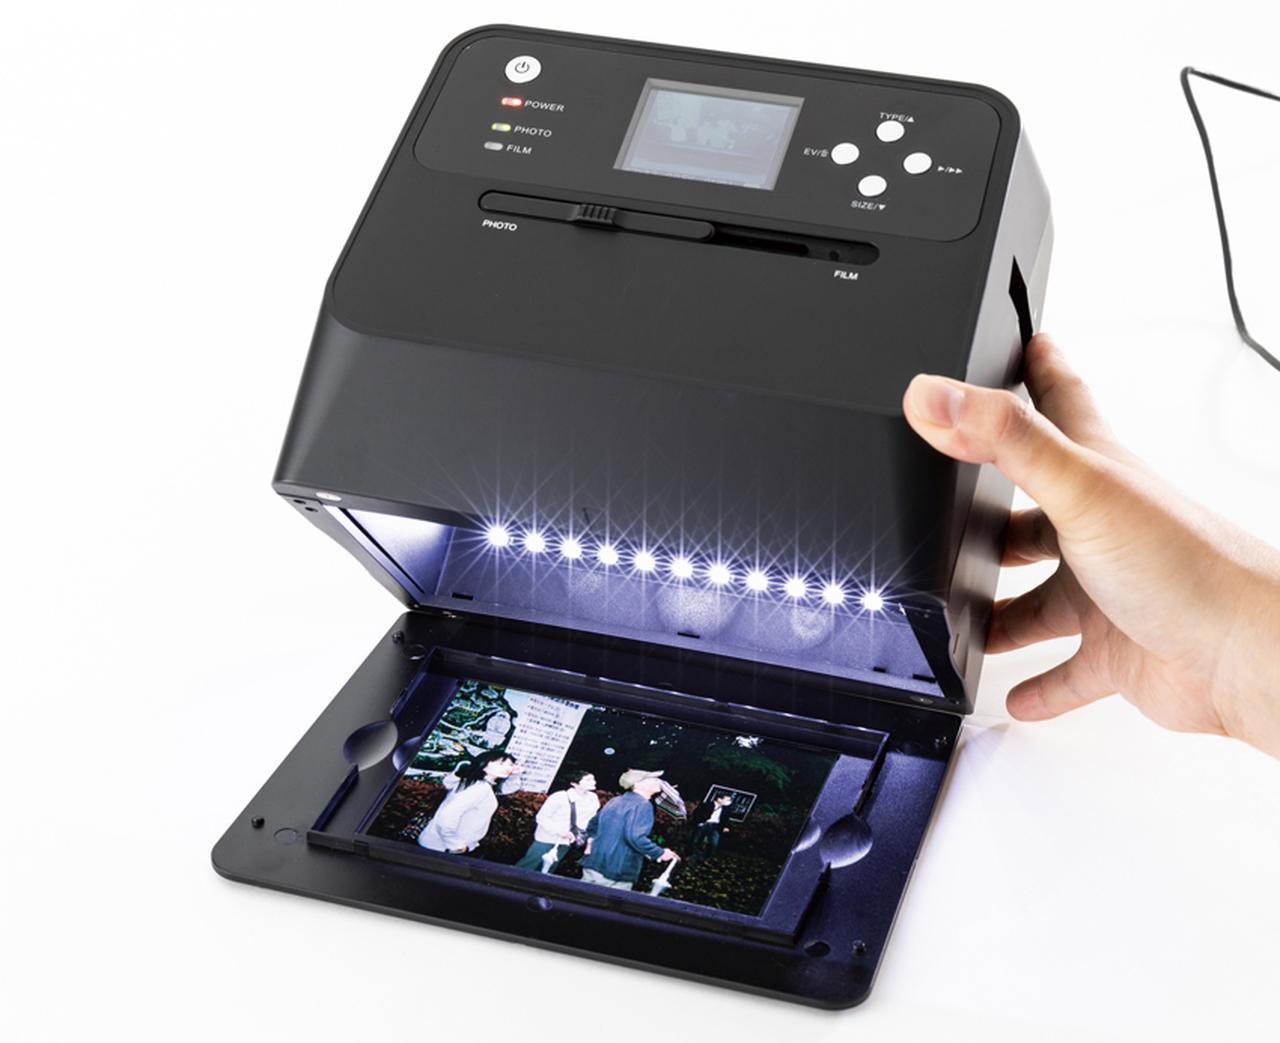 画像: プリント写真の場合は、レバーを切り替え、本体下部にセットしよう。内側の下部にあるLEDライトが点灯する。